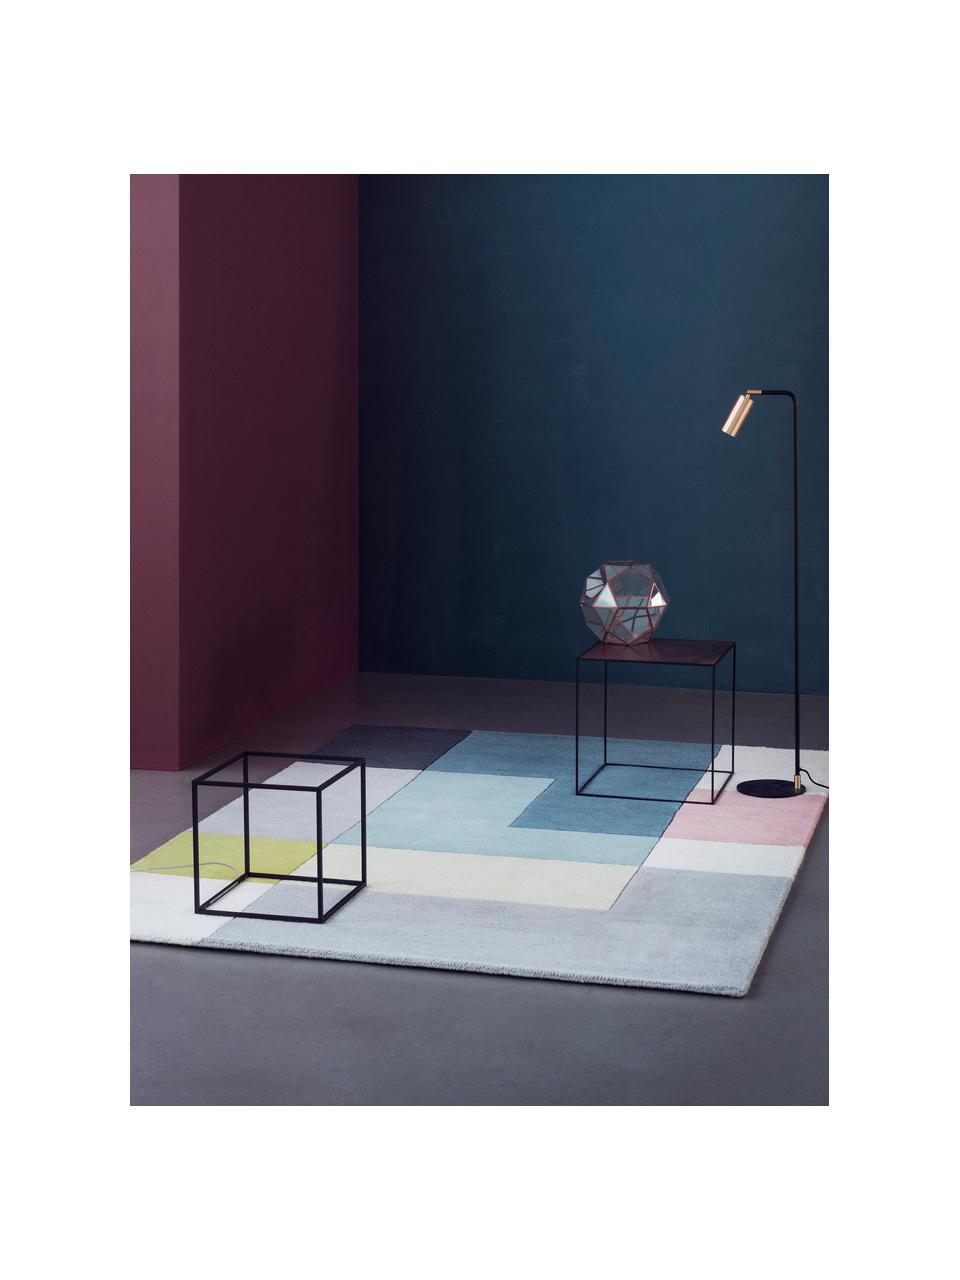 Ręcznie tuftowany dywan z wełny Tetris, 100% wełna Włókna dywanów wełnianych mogą nieznacznie rozluźniać się w pierwszych tygodniach użytkowania, co ustępuje po pewnym czasie, Wielobarwny, S 140 x D 200 cm (Rozmiar S)